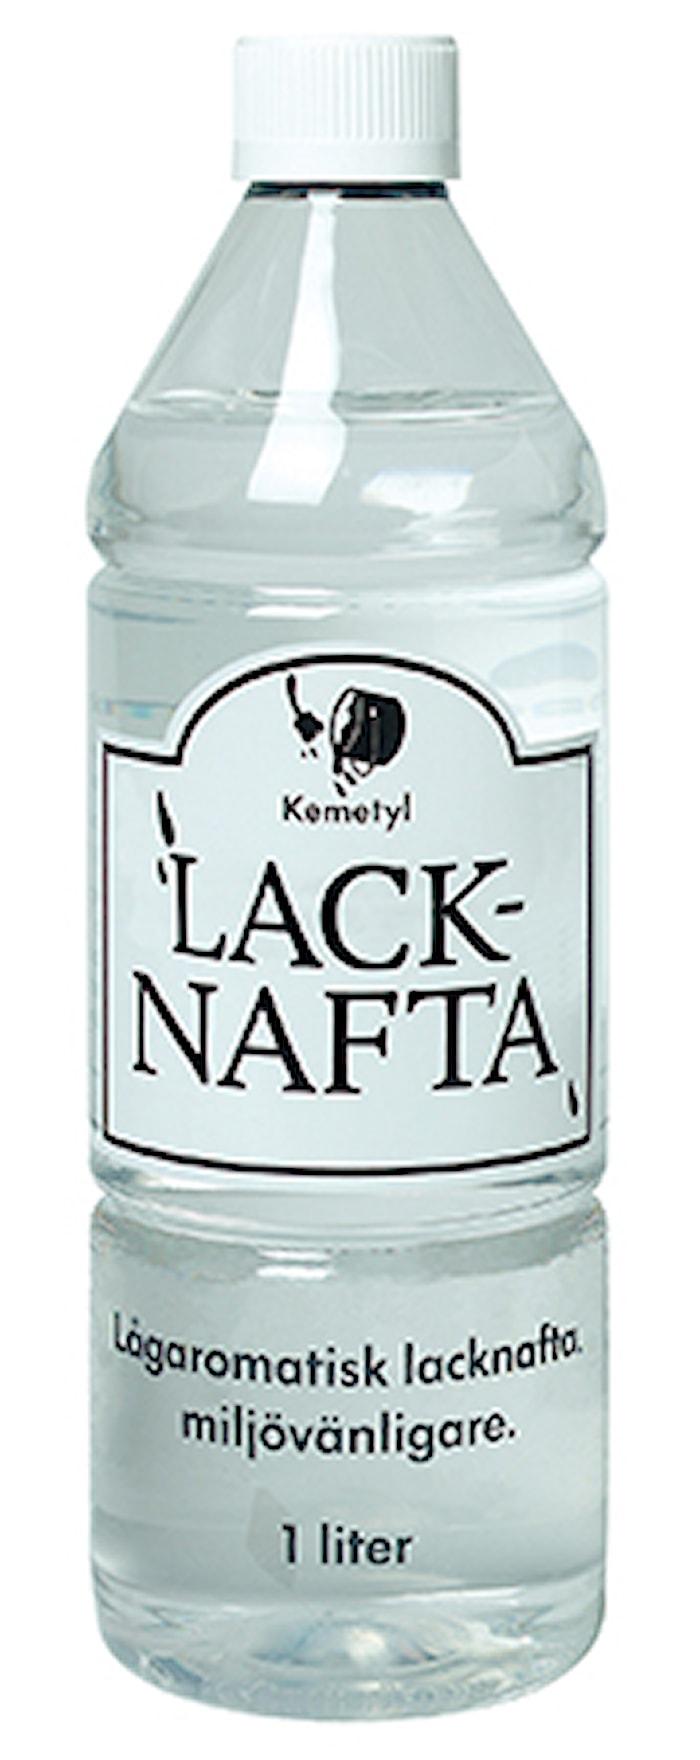 Kemetyl Lacknafta 1L